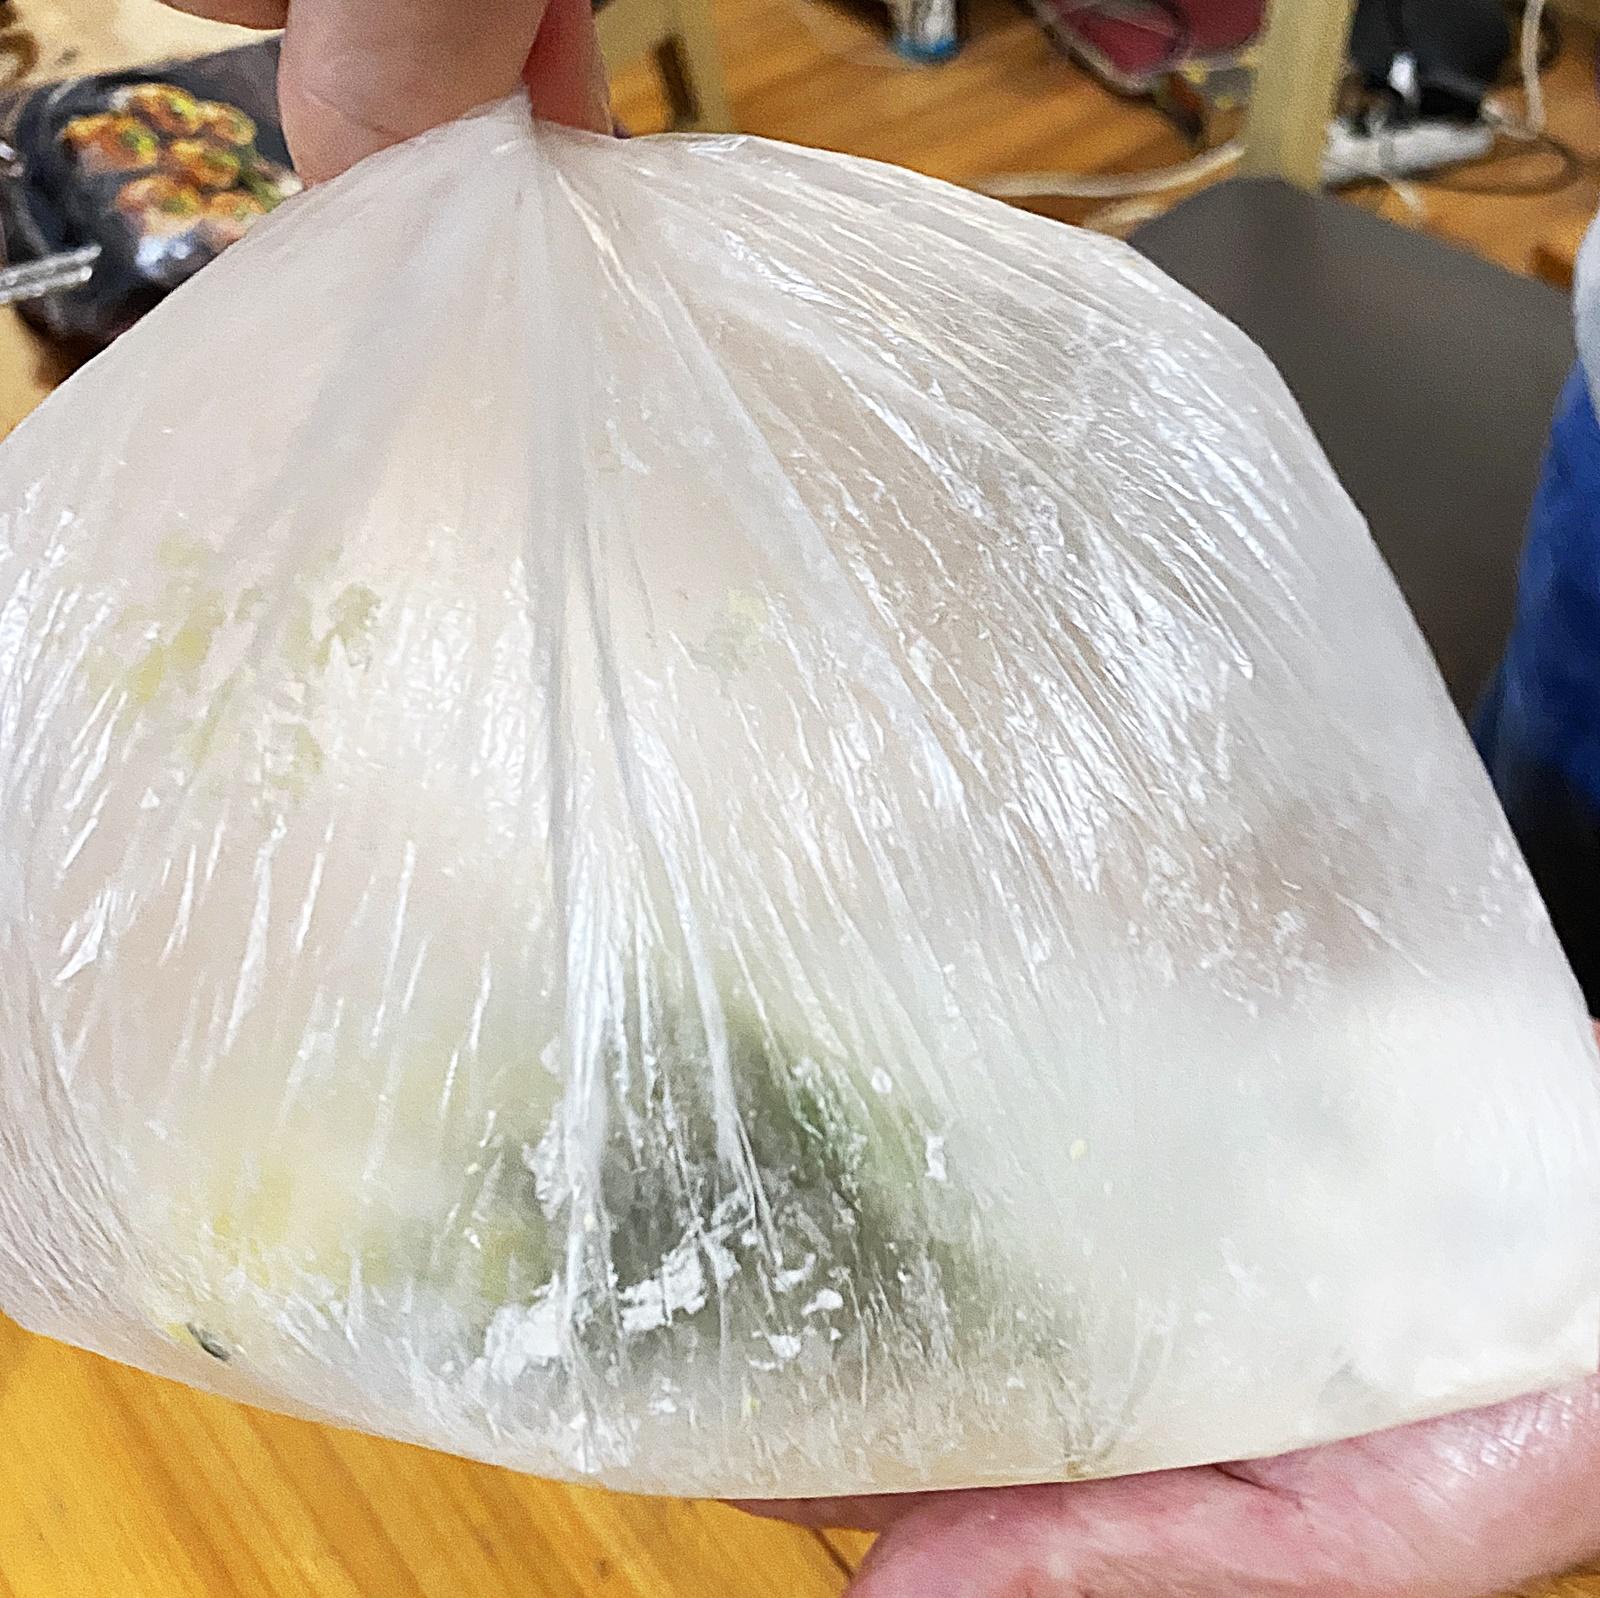 풍선 모양 밀가루 비닐봉지